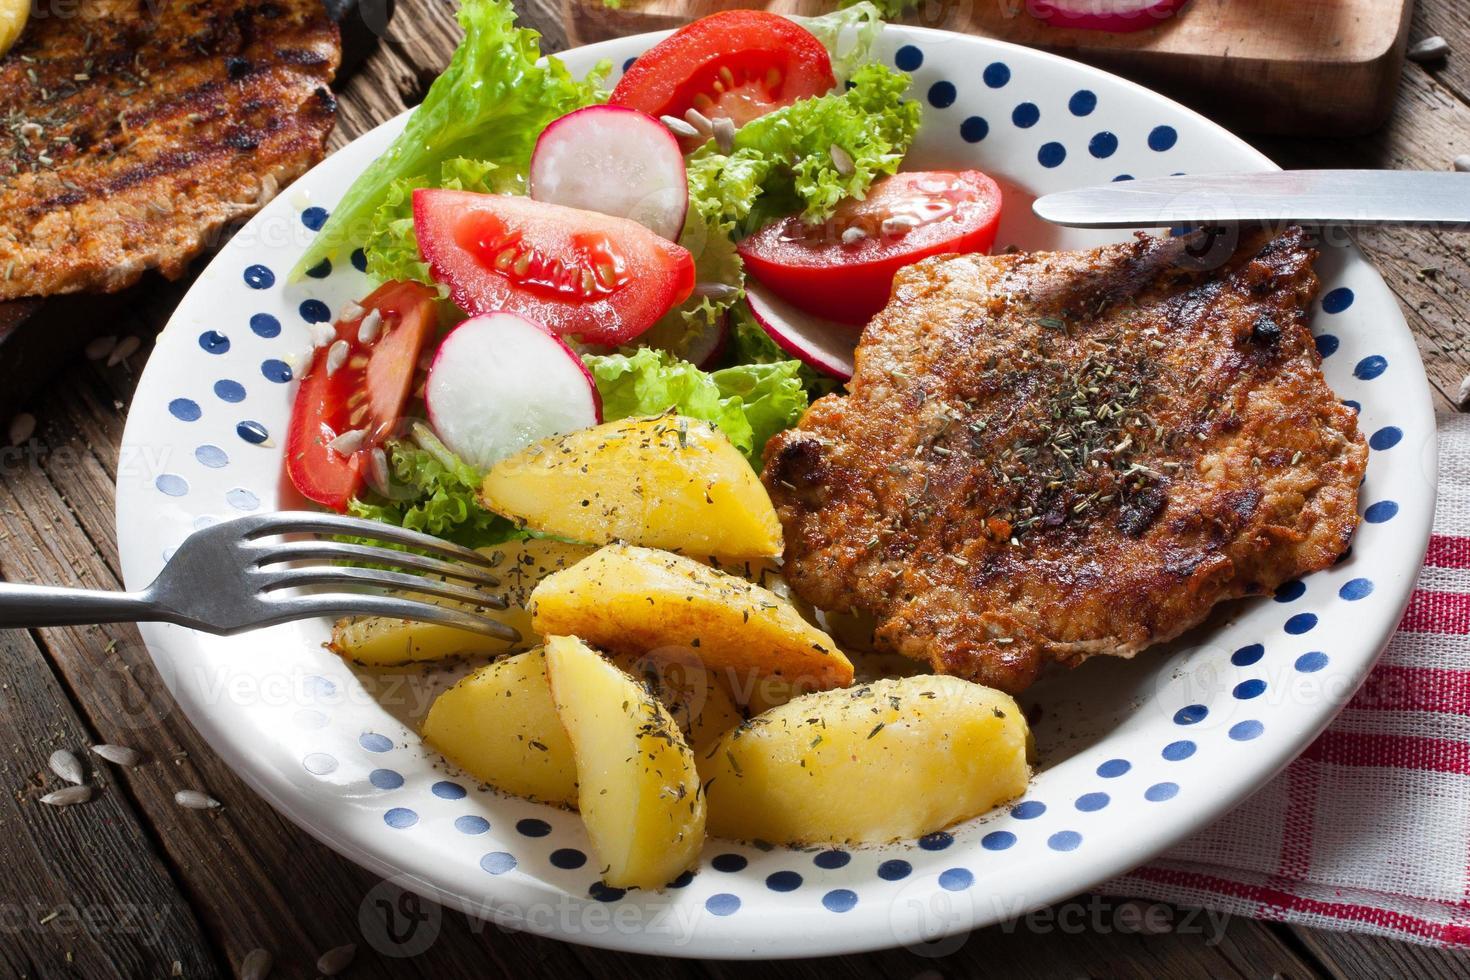 carne a la parrilla con ensalada y papas asadas. foto